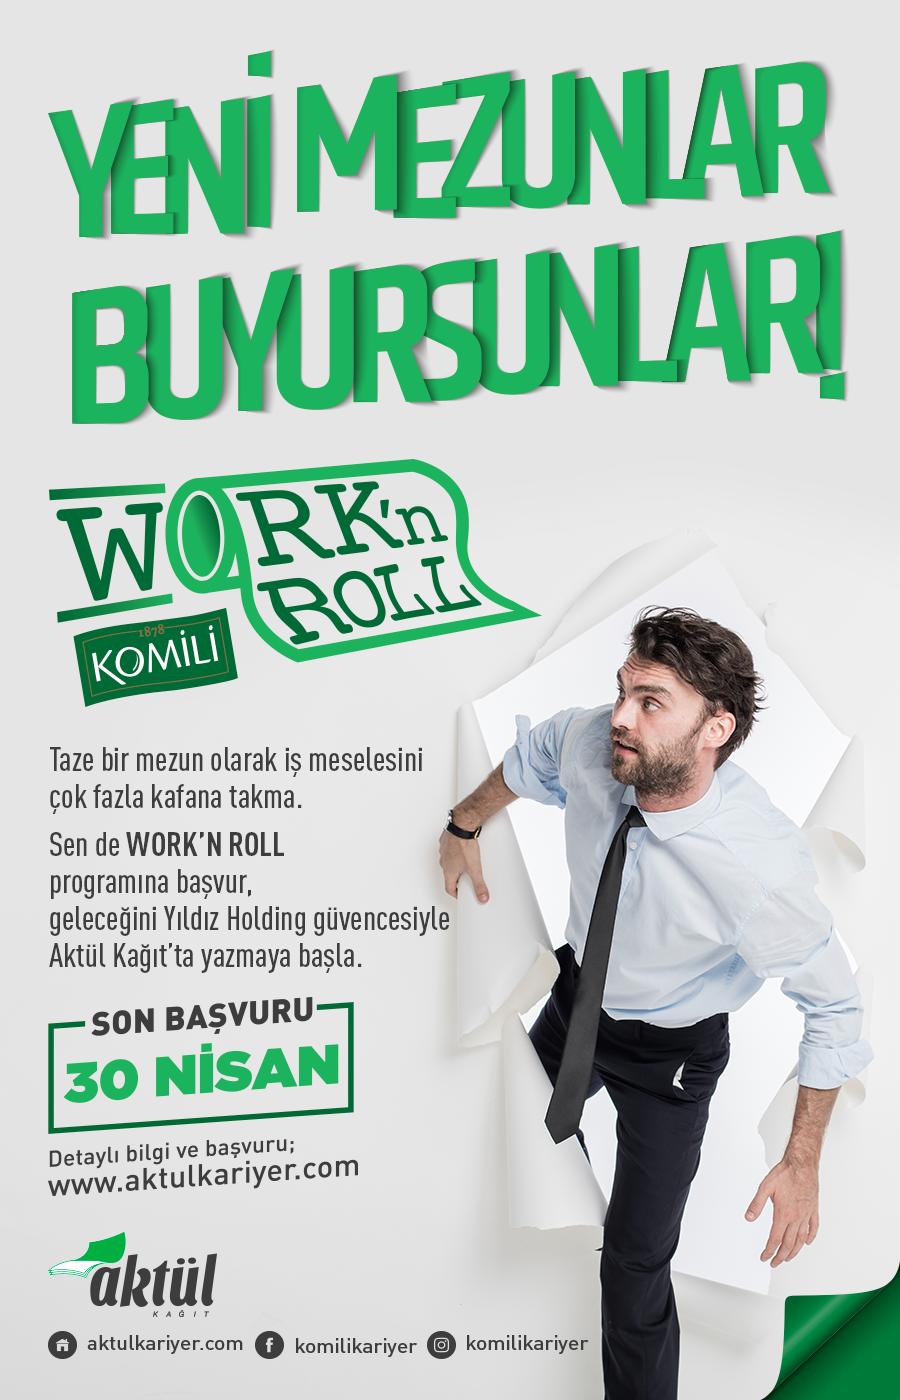 Aktül Kağıt İşe Alım Programı WORK'N ROLL 1